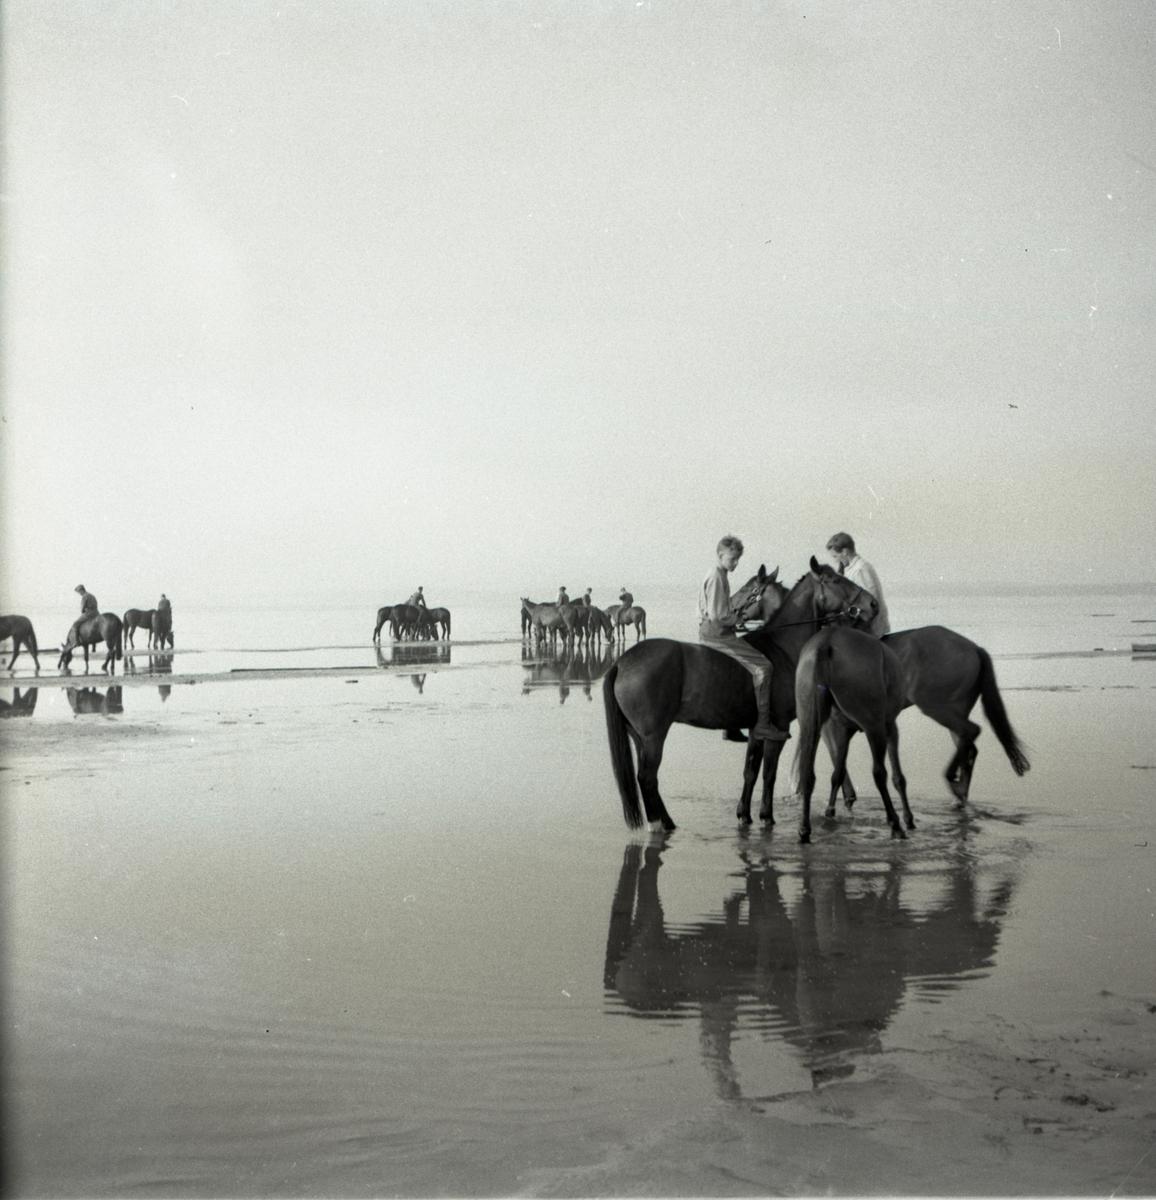 Värnpliktiga på stranden med sina hästar.  Norrlands dragonregemente K4, Umeå, 1955-1956.